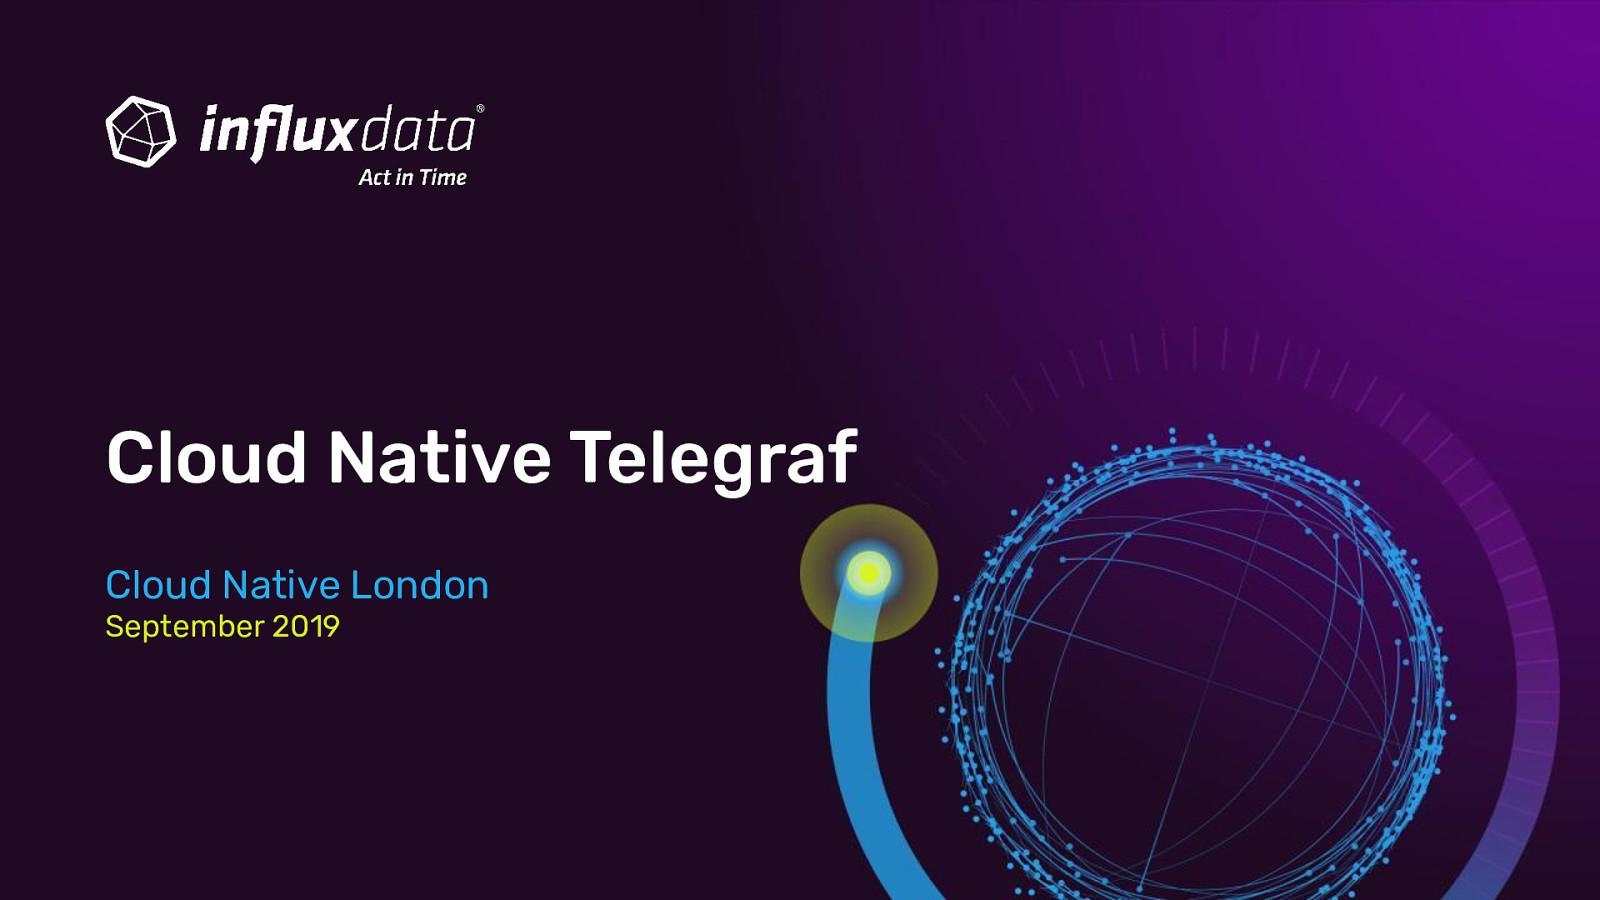 Cloud Native Telegraf